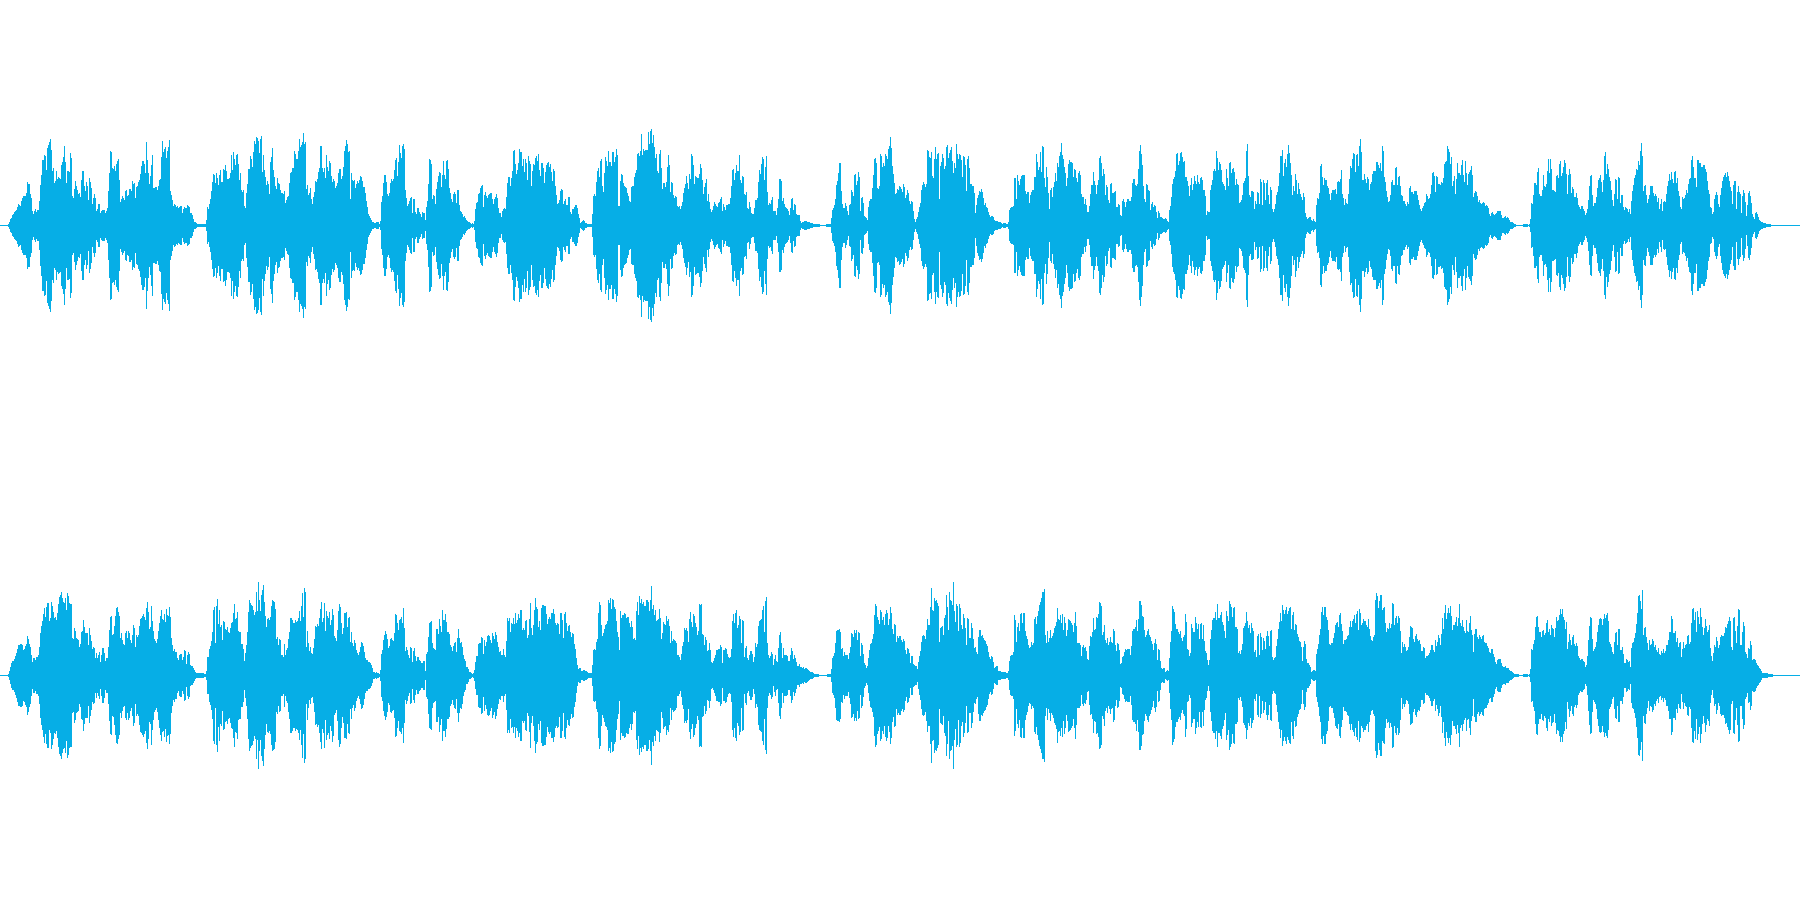 しっとり落ち着いた印象のフルート独奏曲の再生済みの波形